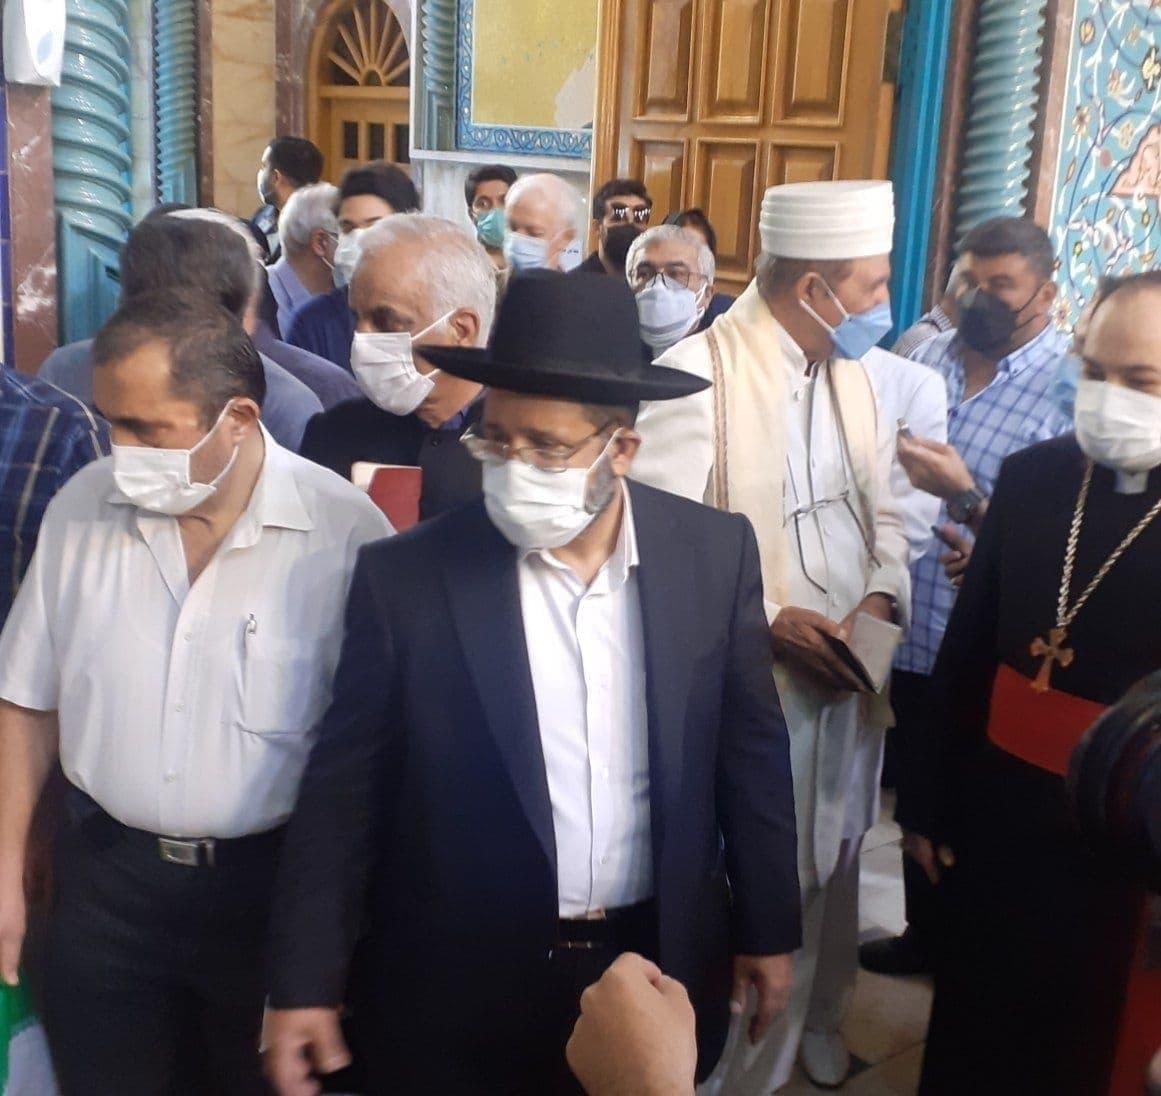 اقلیتهای دینی در حسینیه ارشاد برای رایدادن